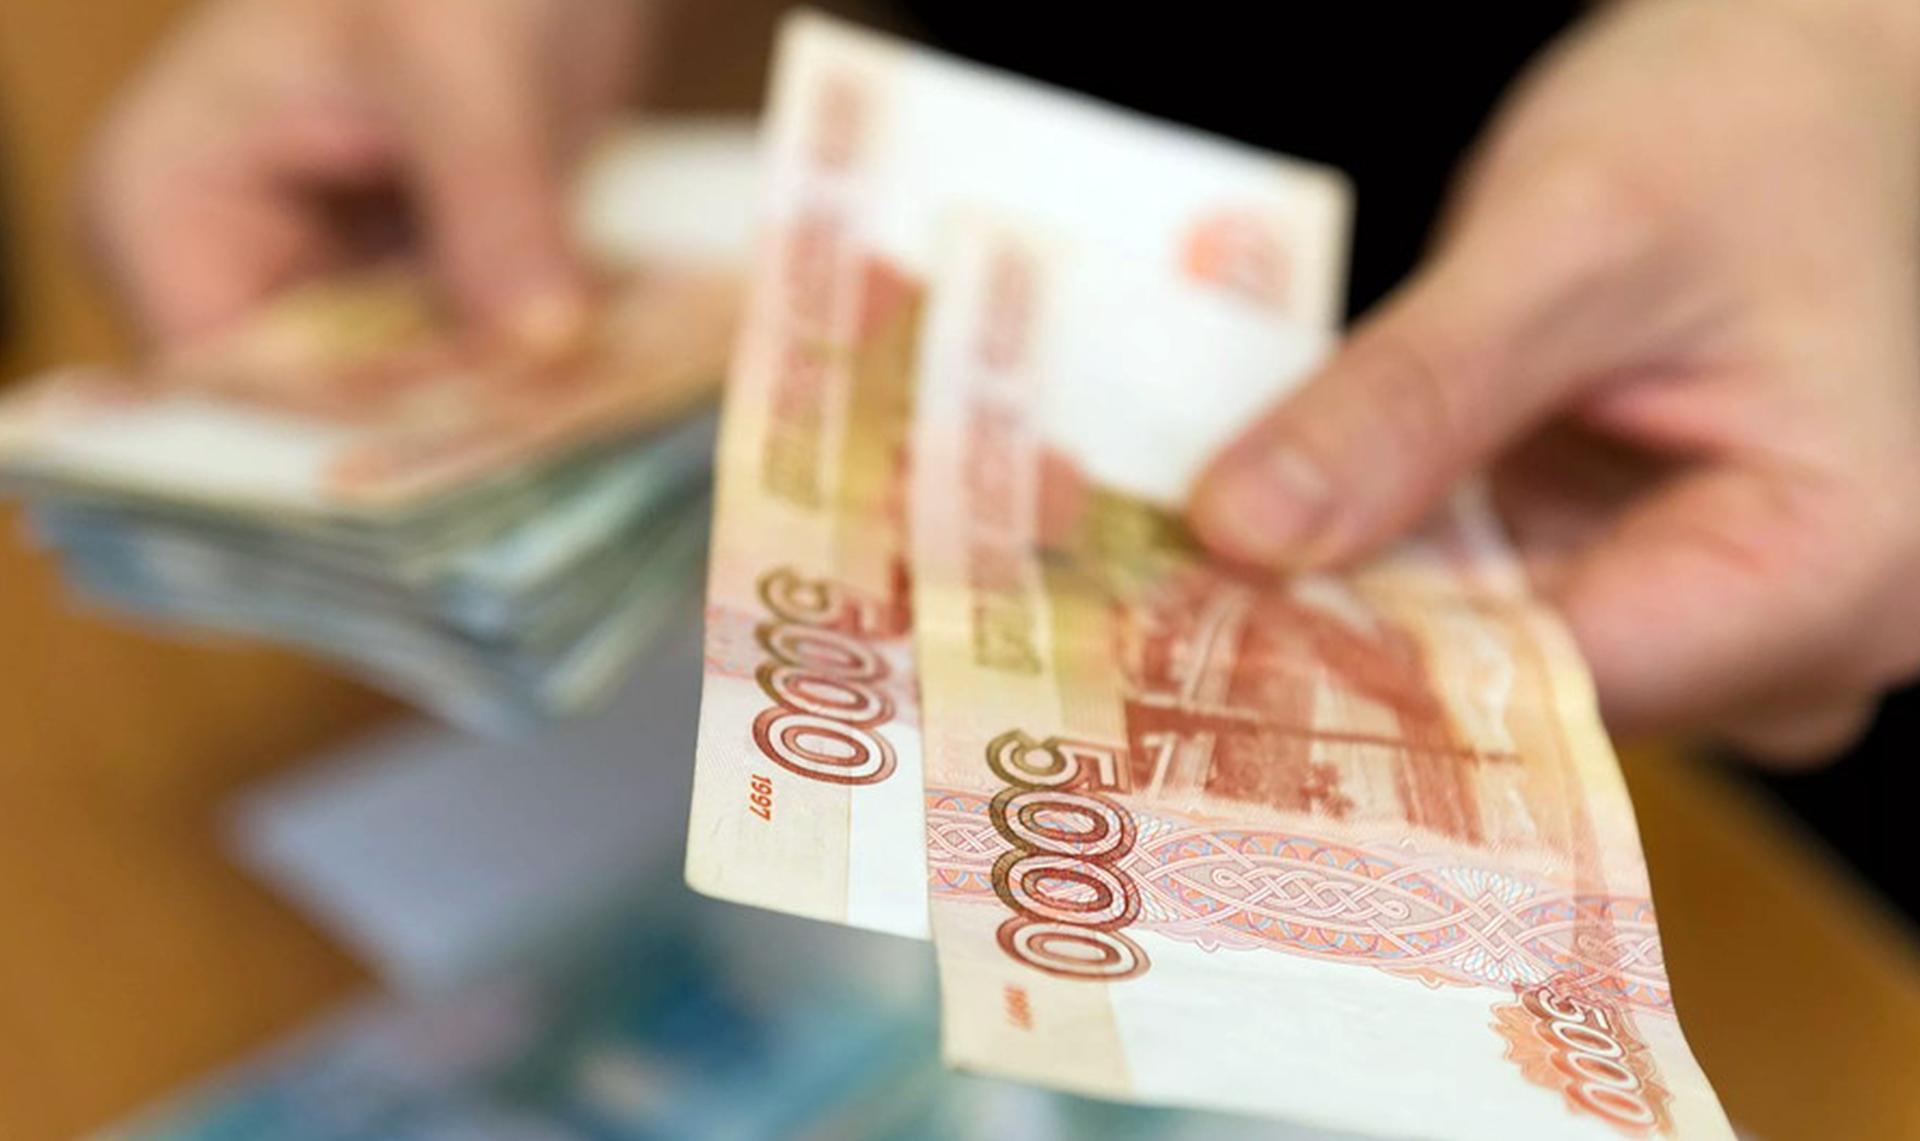 ПФР сообщил, что россиян ждет единовременная выплата 10 000 рублей до 1 ноября